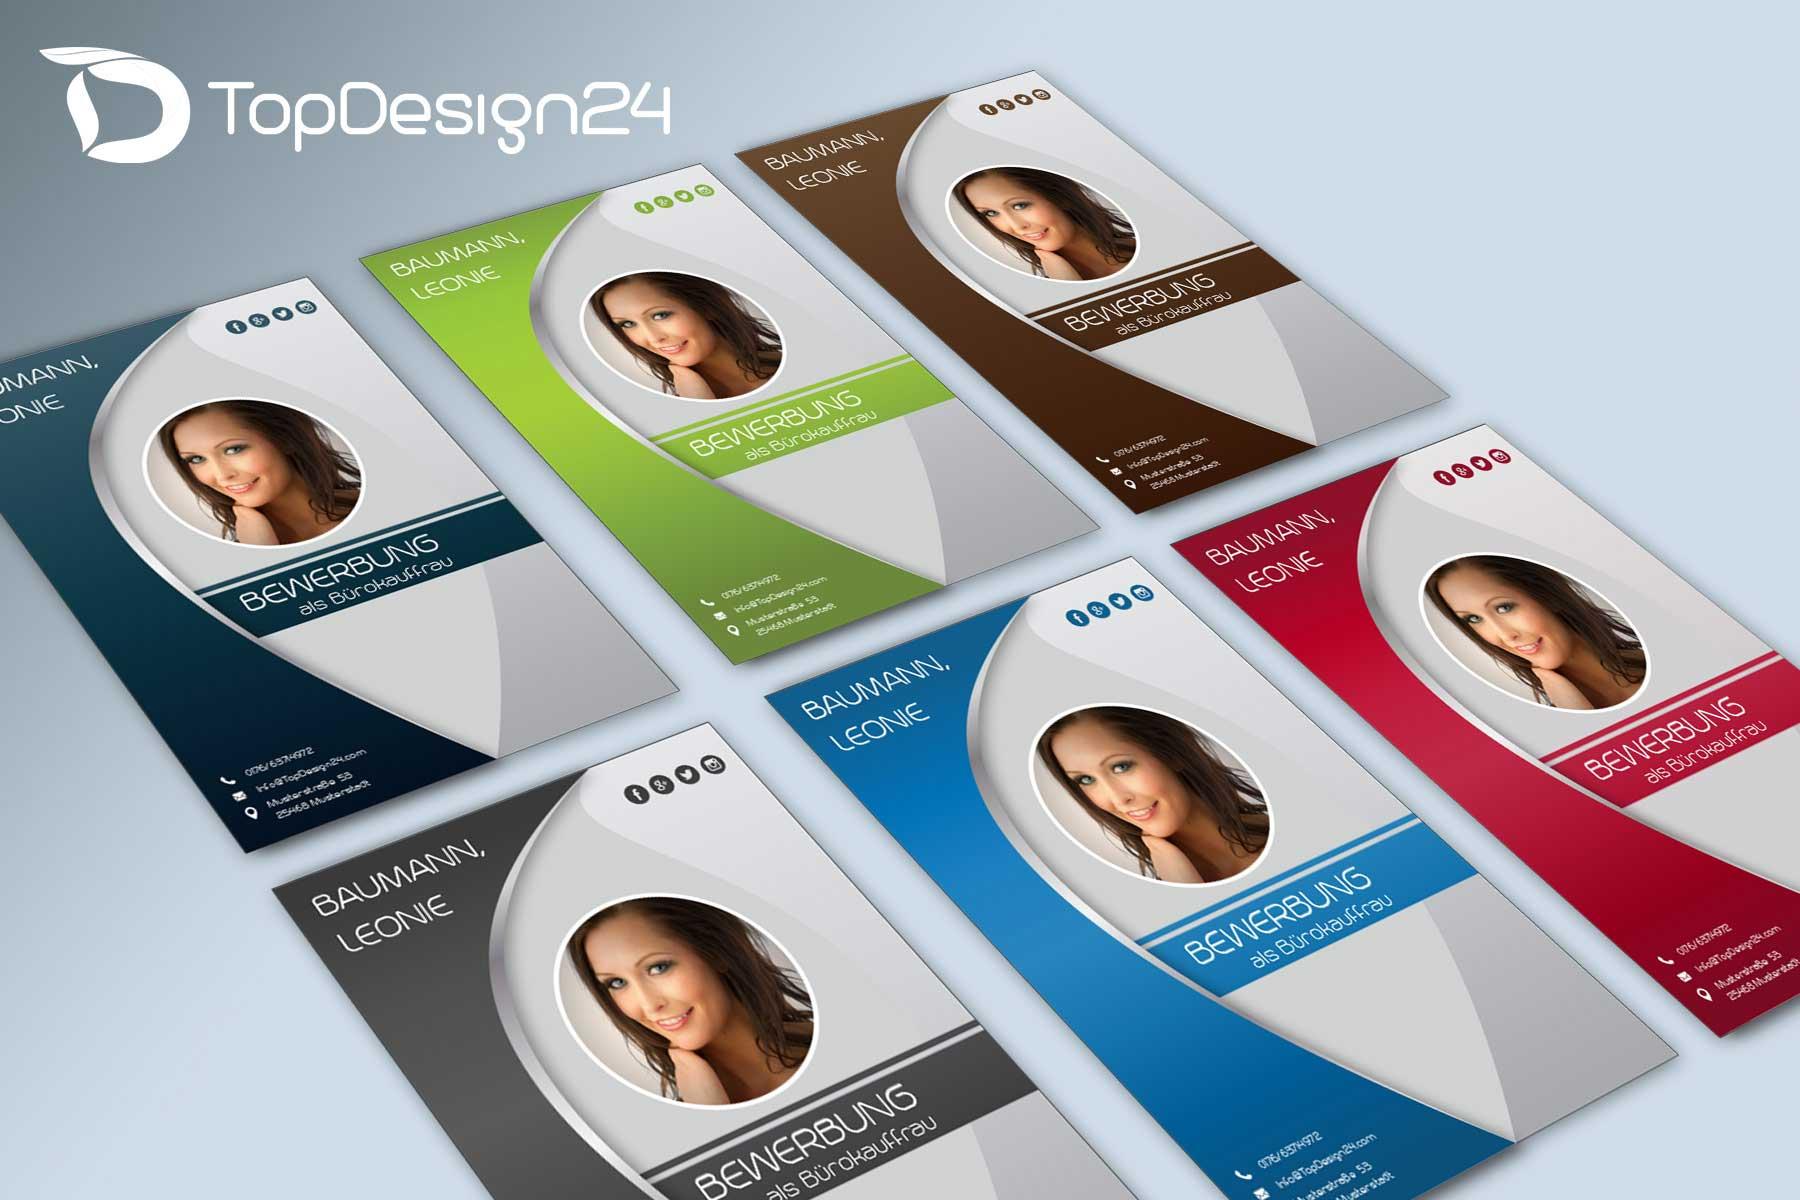 Topdesign24comwp Contentuploads201509deckbla